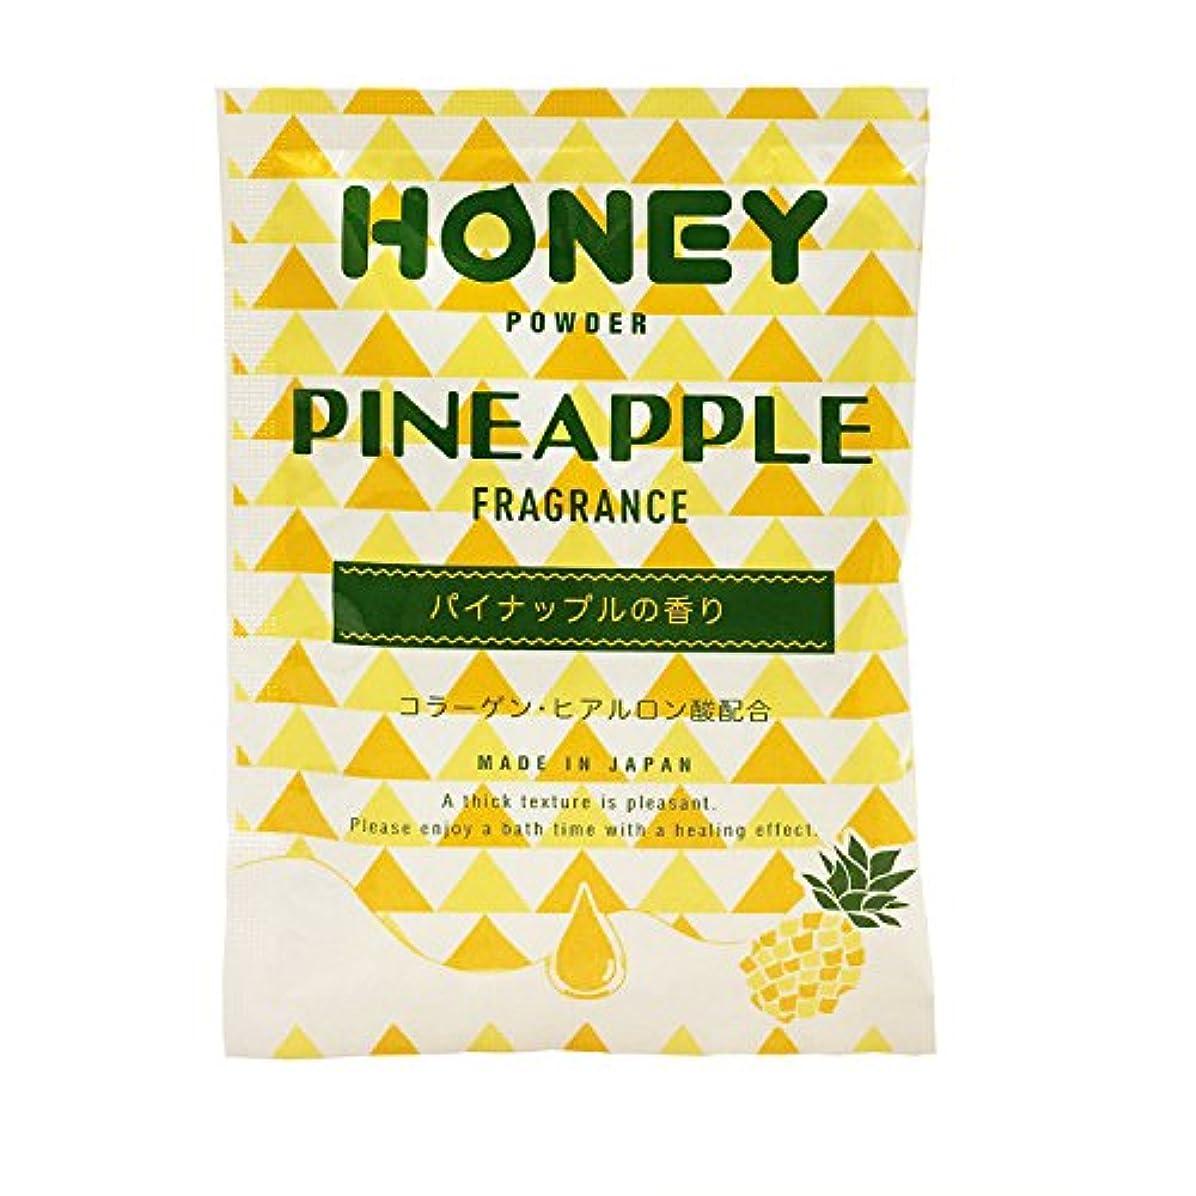 首相のみアジアとろとろ入浴剤【honey powder】(ハニーパウダー) パイナップルの香り 粉末タイプ ローション